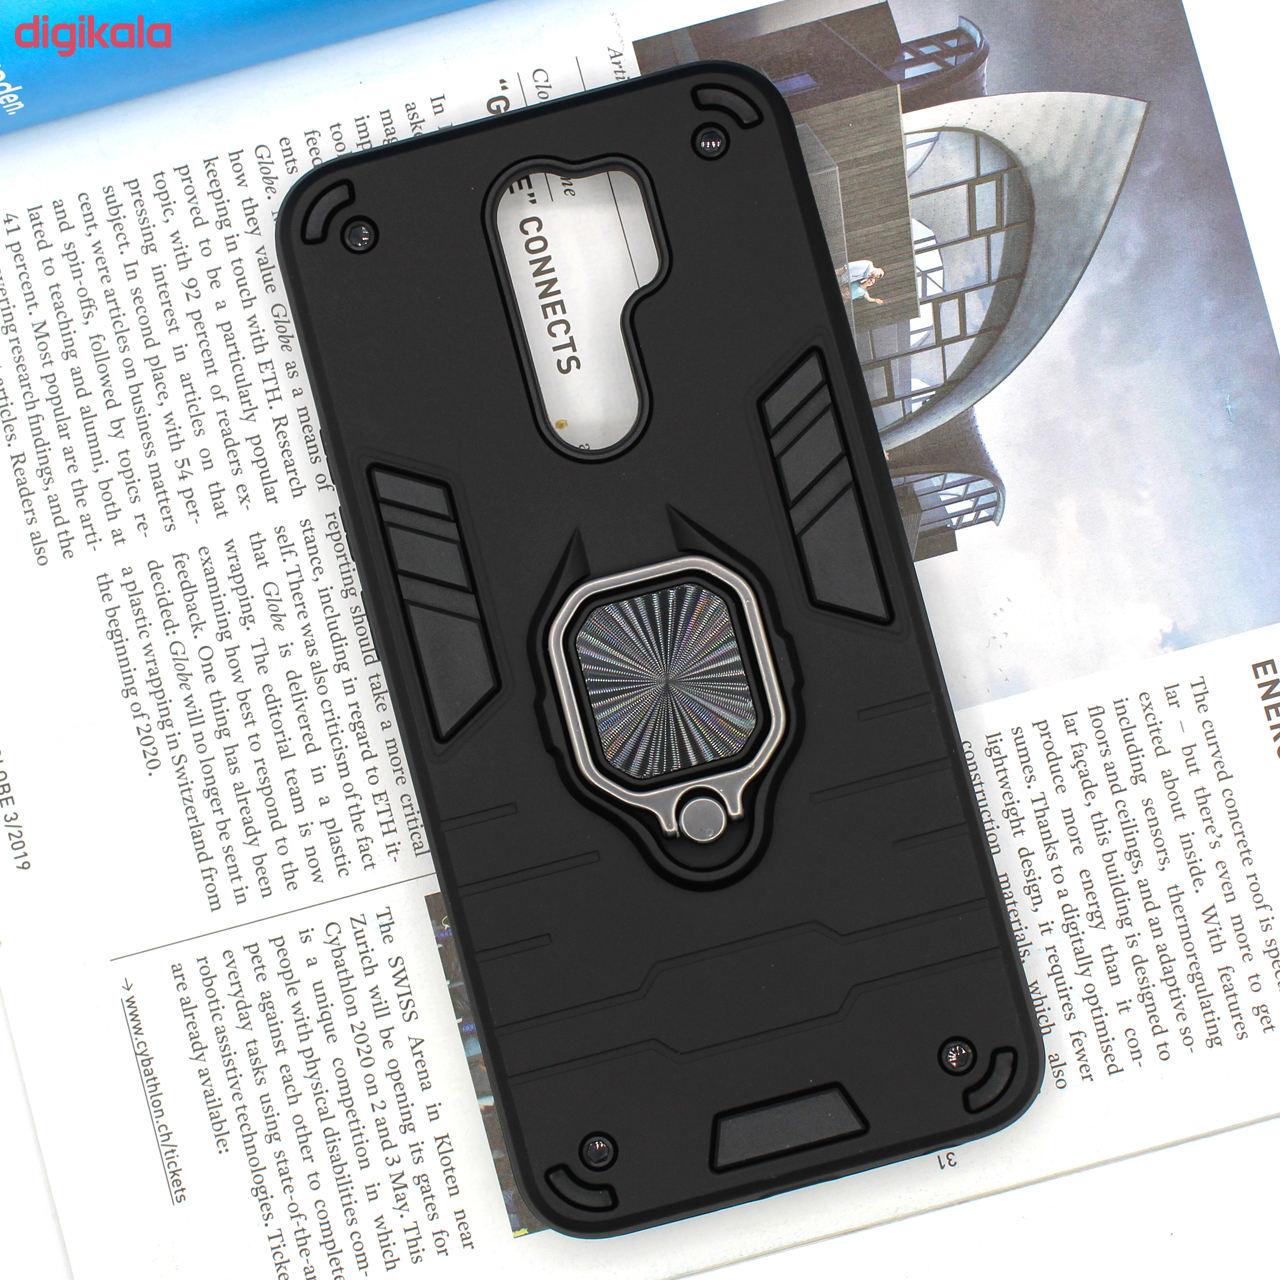 کاور کینگ پاور مدل ASH22 مناسب برای گوشی موبایل شیائومی Redmi 9 / Redmi 9 Prime main 1 11